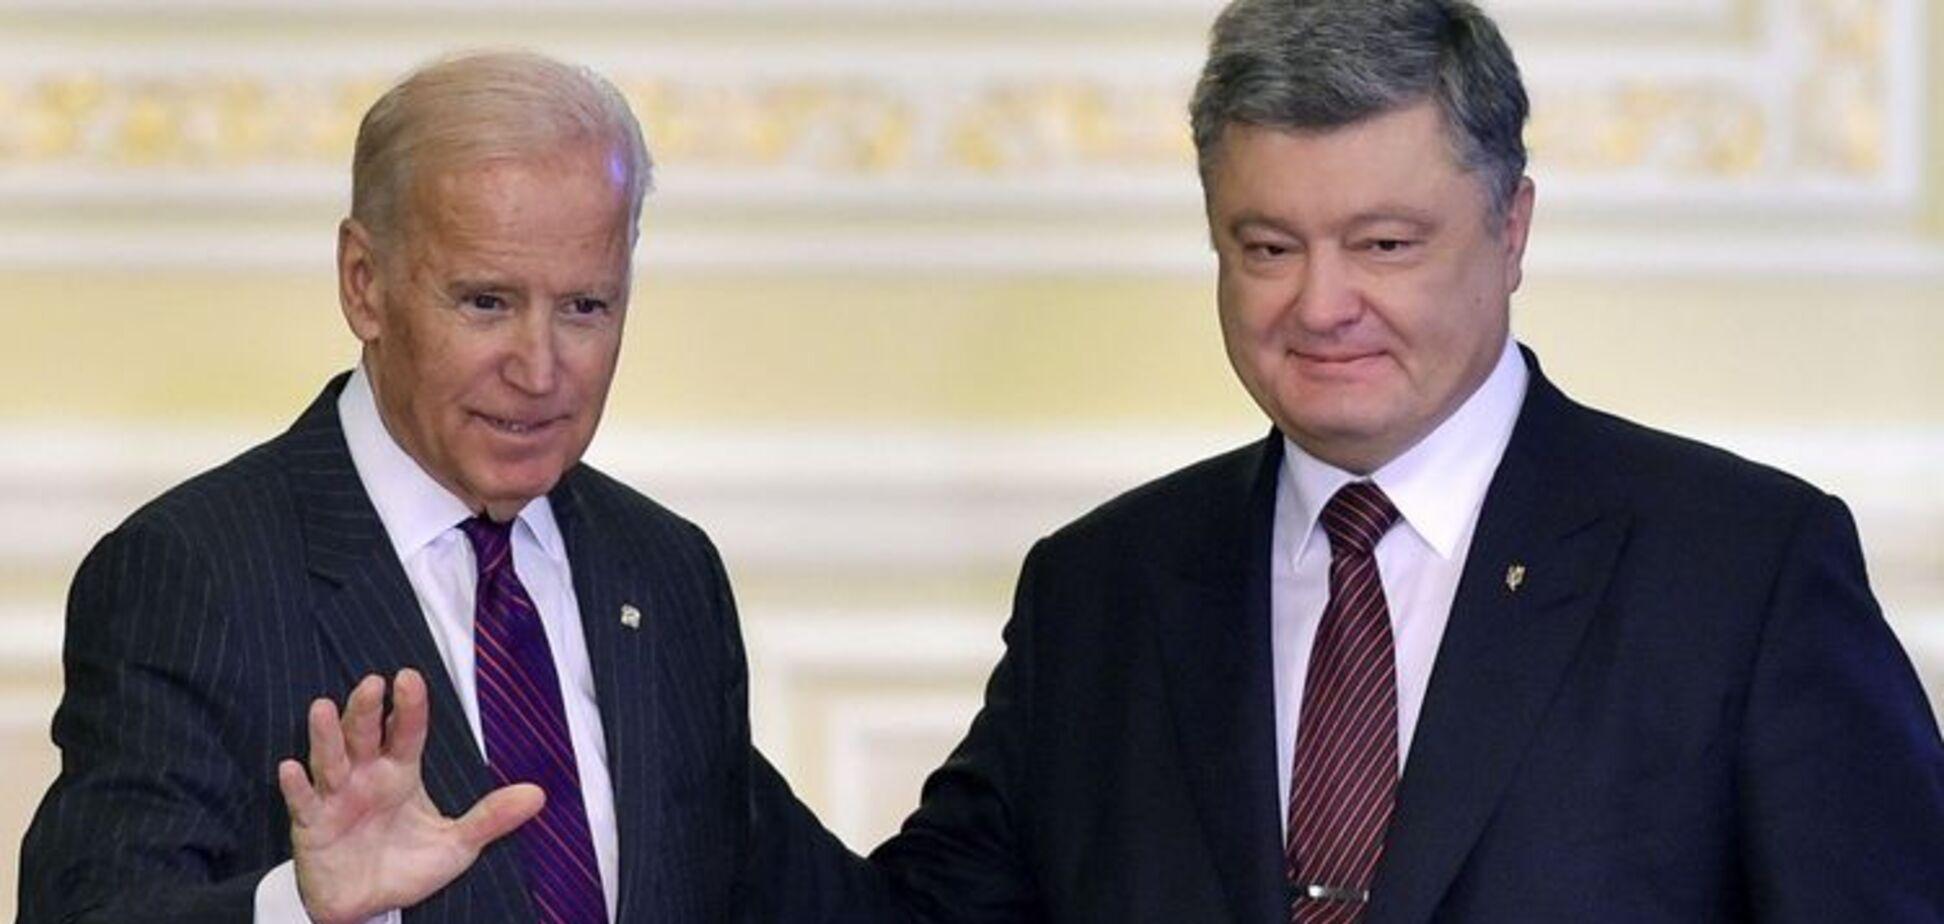 Пленки Порошенко-Байдена: деньгами, без анализа, изменить Украину невозможно